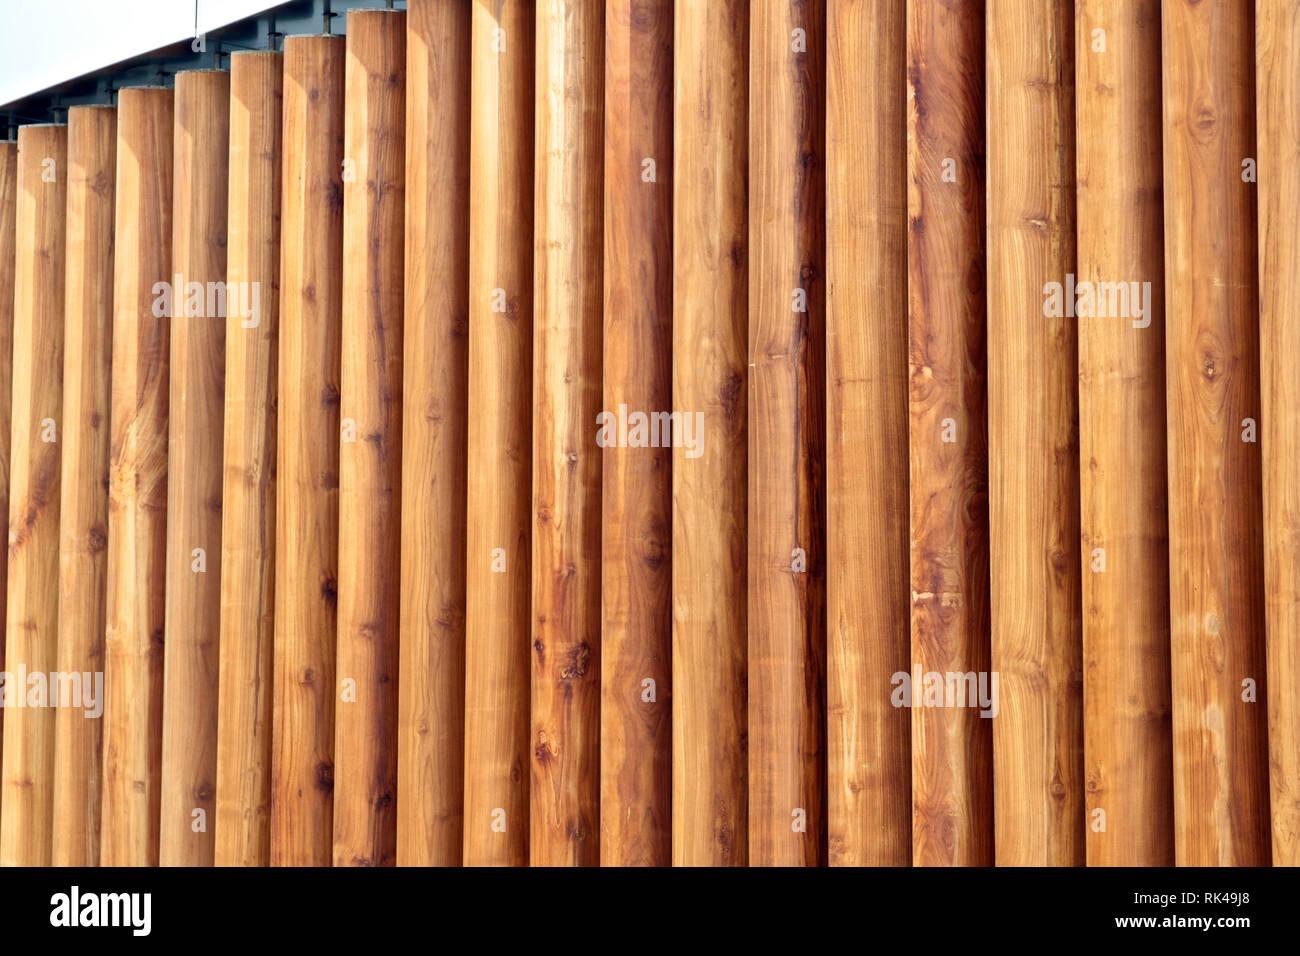 Wandverkleidung Garage : Dubai wooden wandverkleidung eine garage von burj khalifa